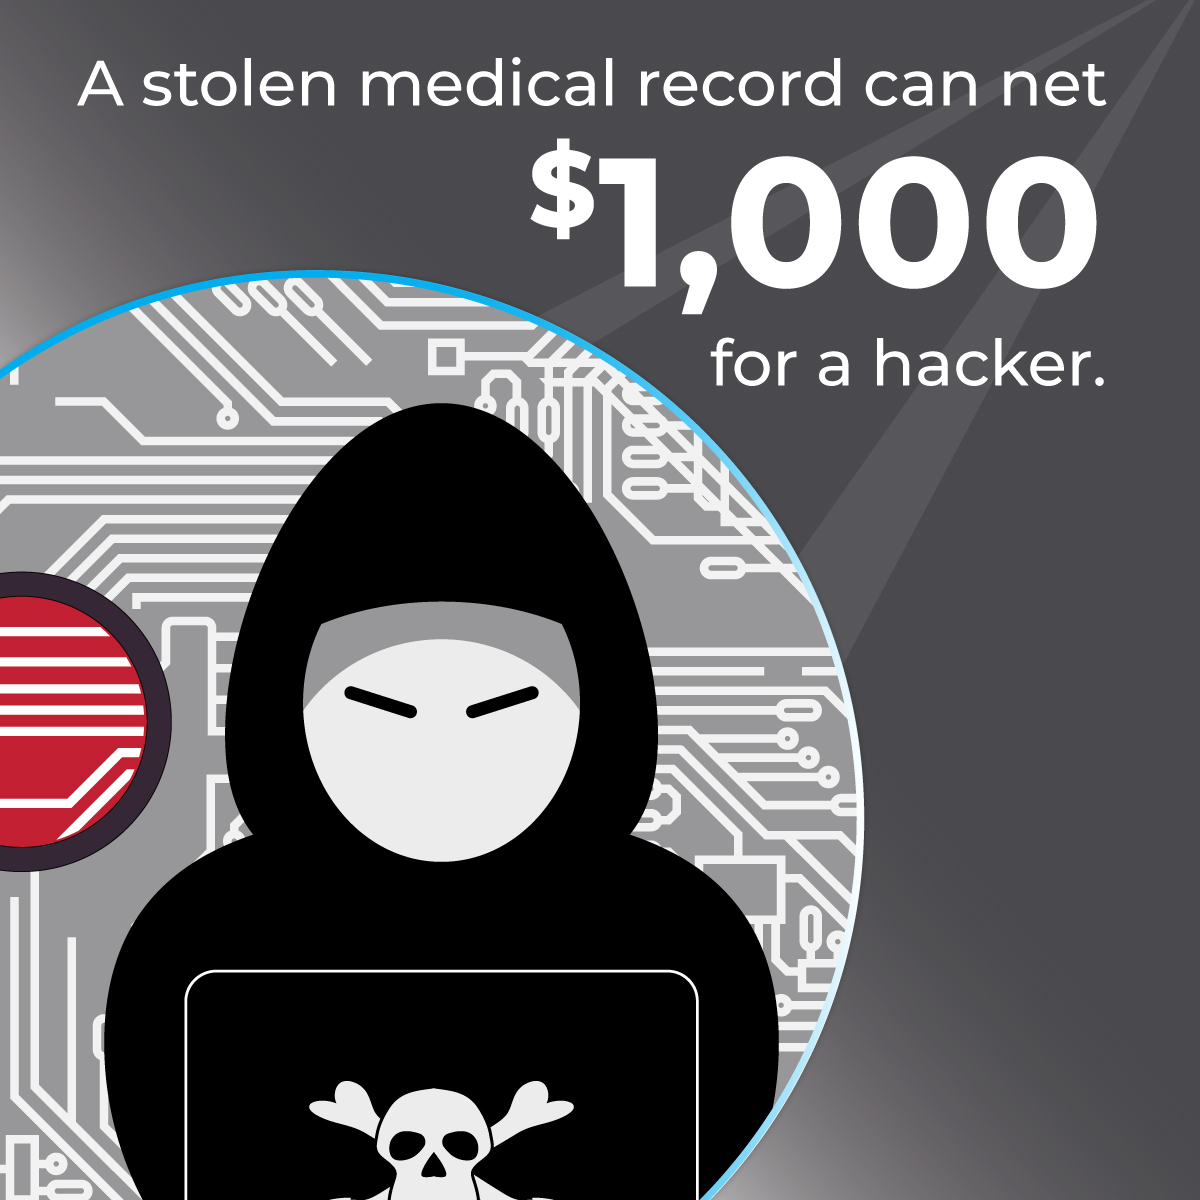 Pharmacy Threats - Hacker